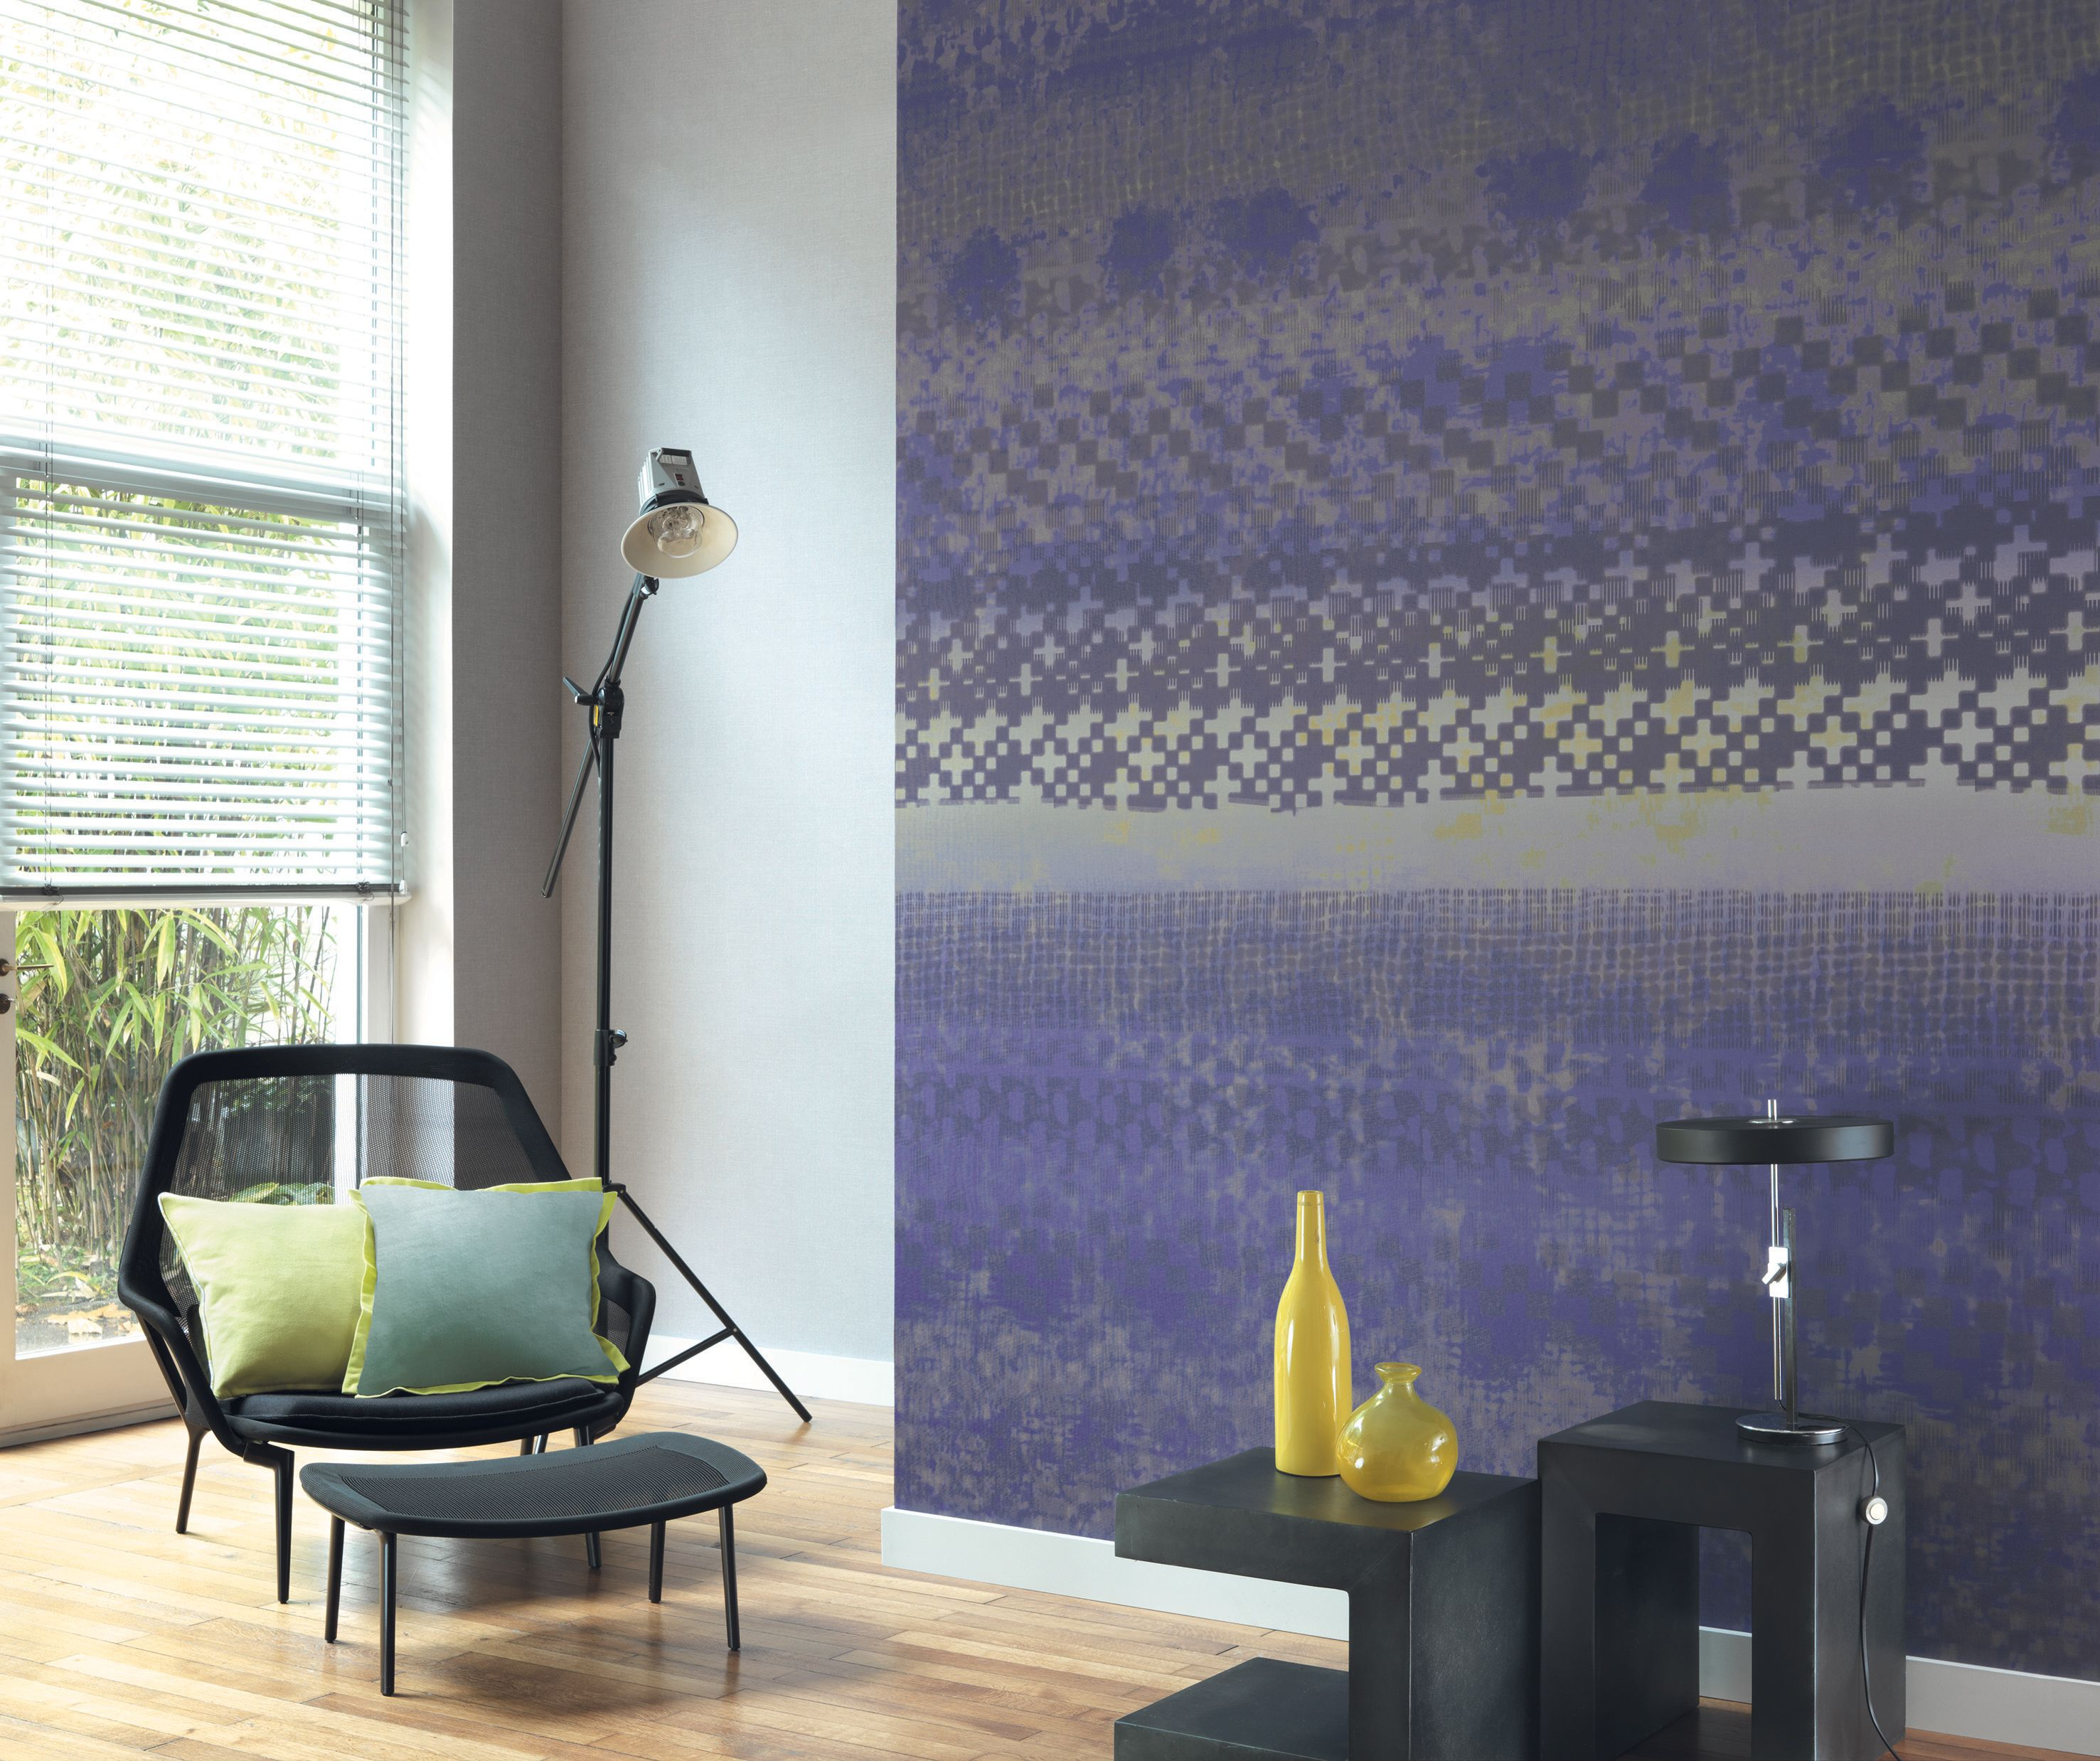 Bahia Collection by Casadeco. #casadeco #wallpaper #bahia #interiordesign